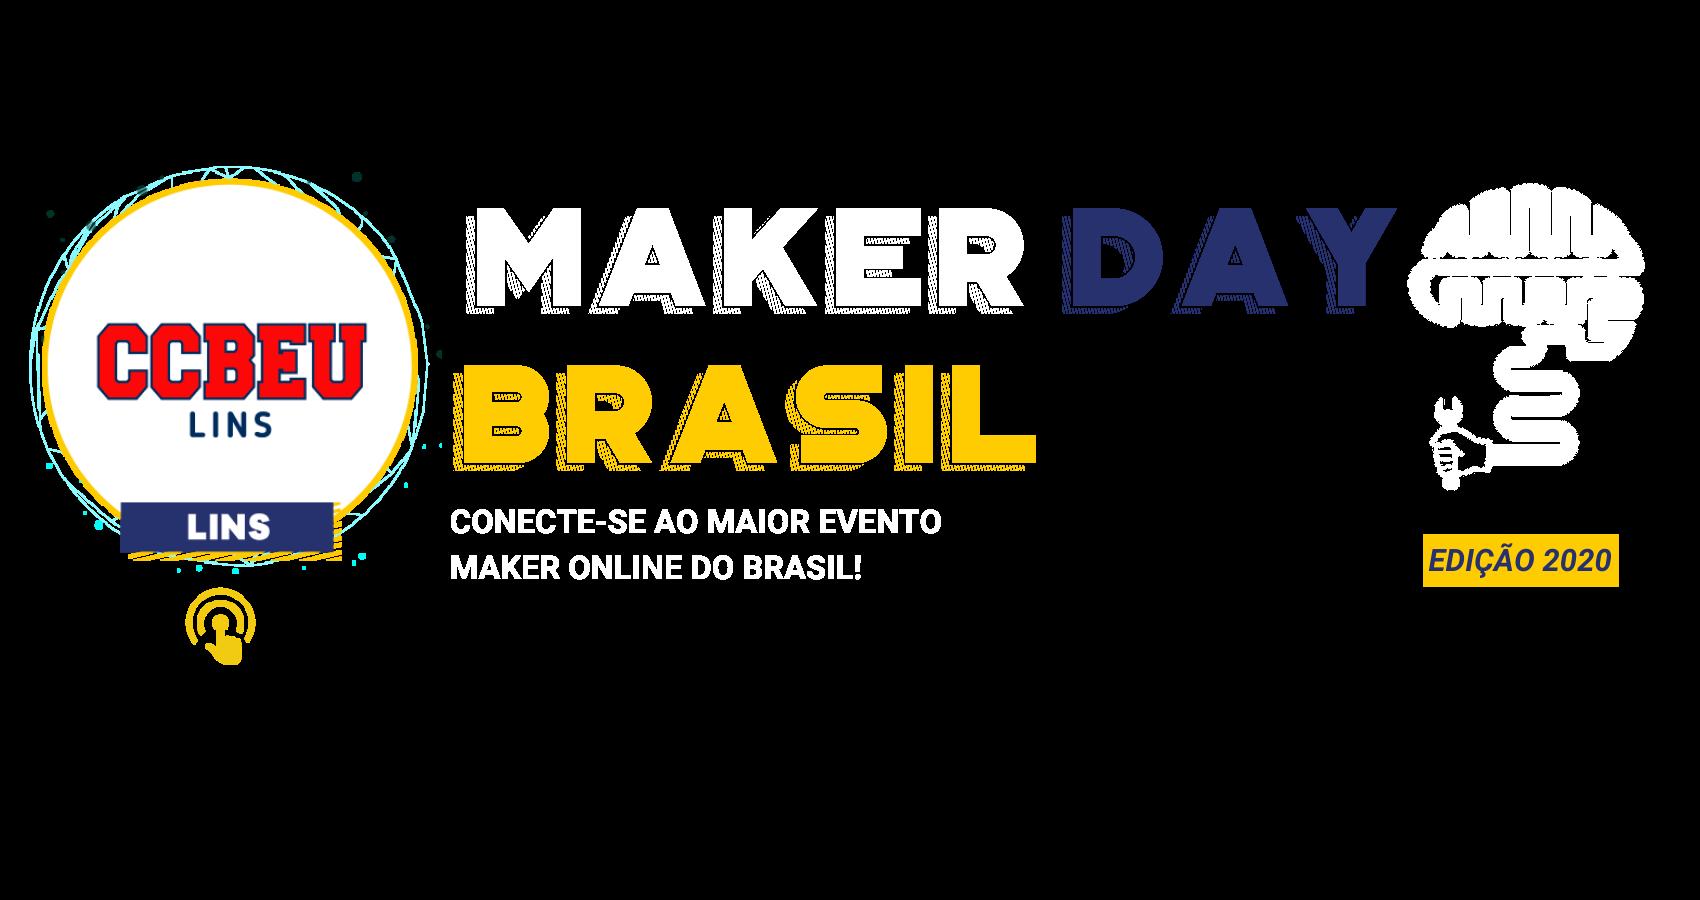 Maker Day Brasil Capa Lins